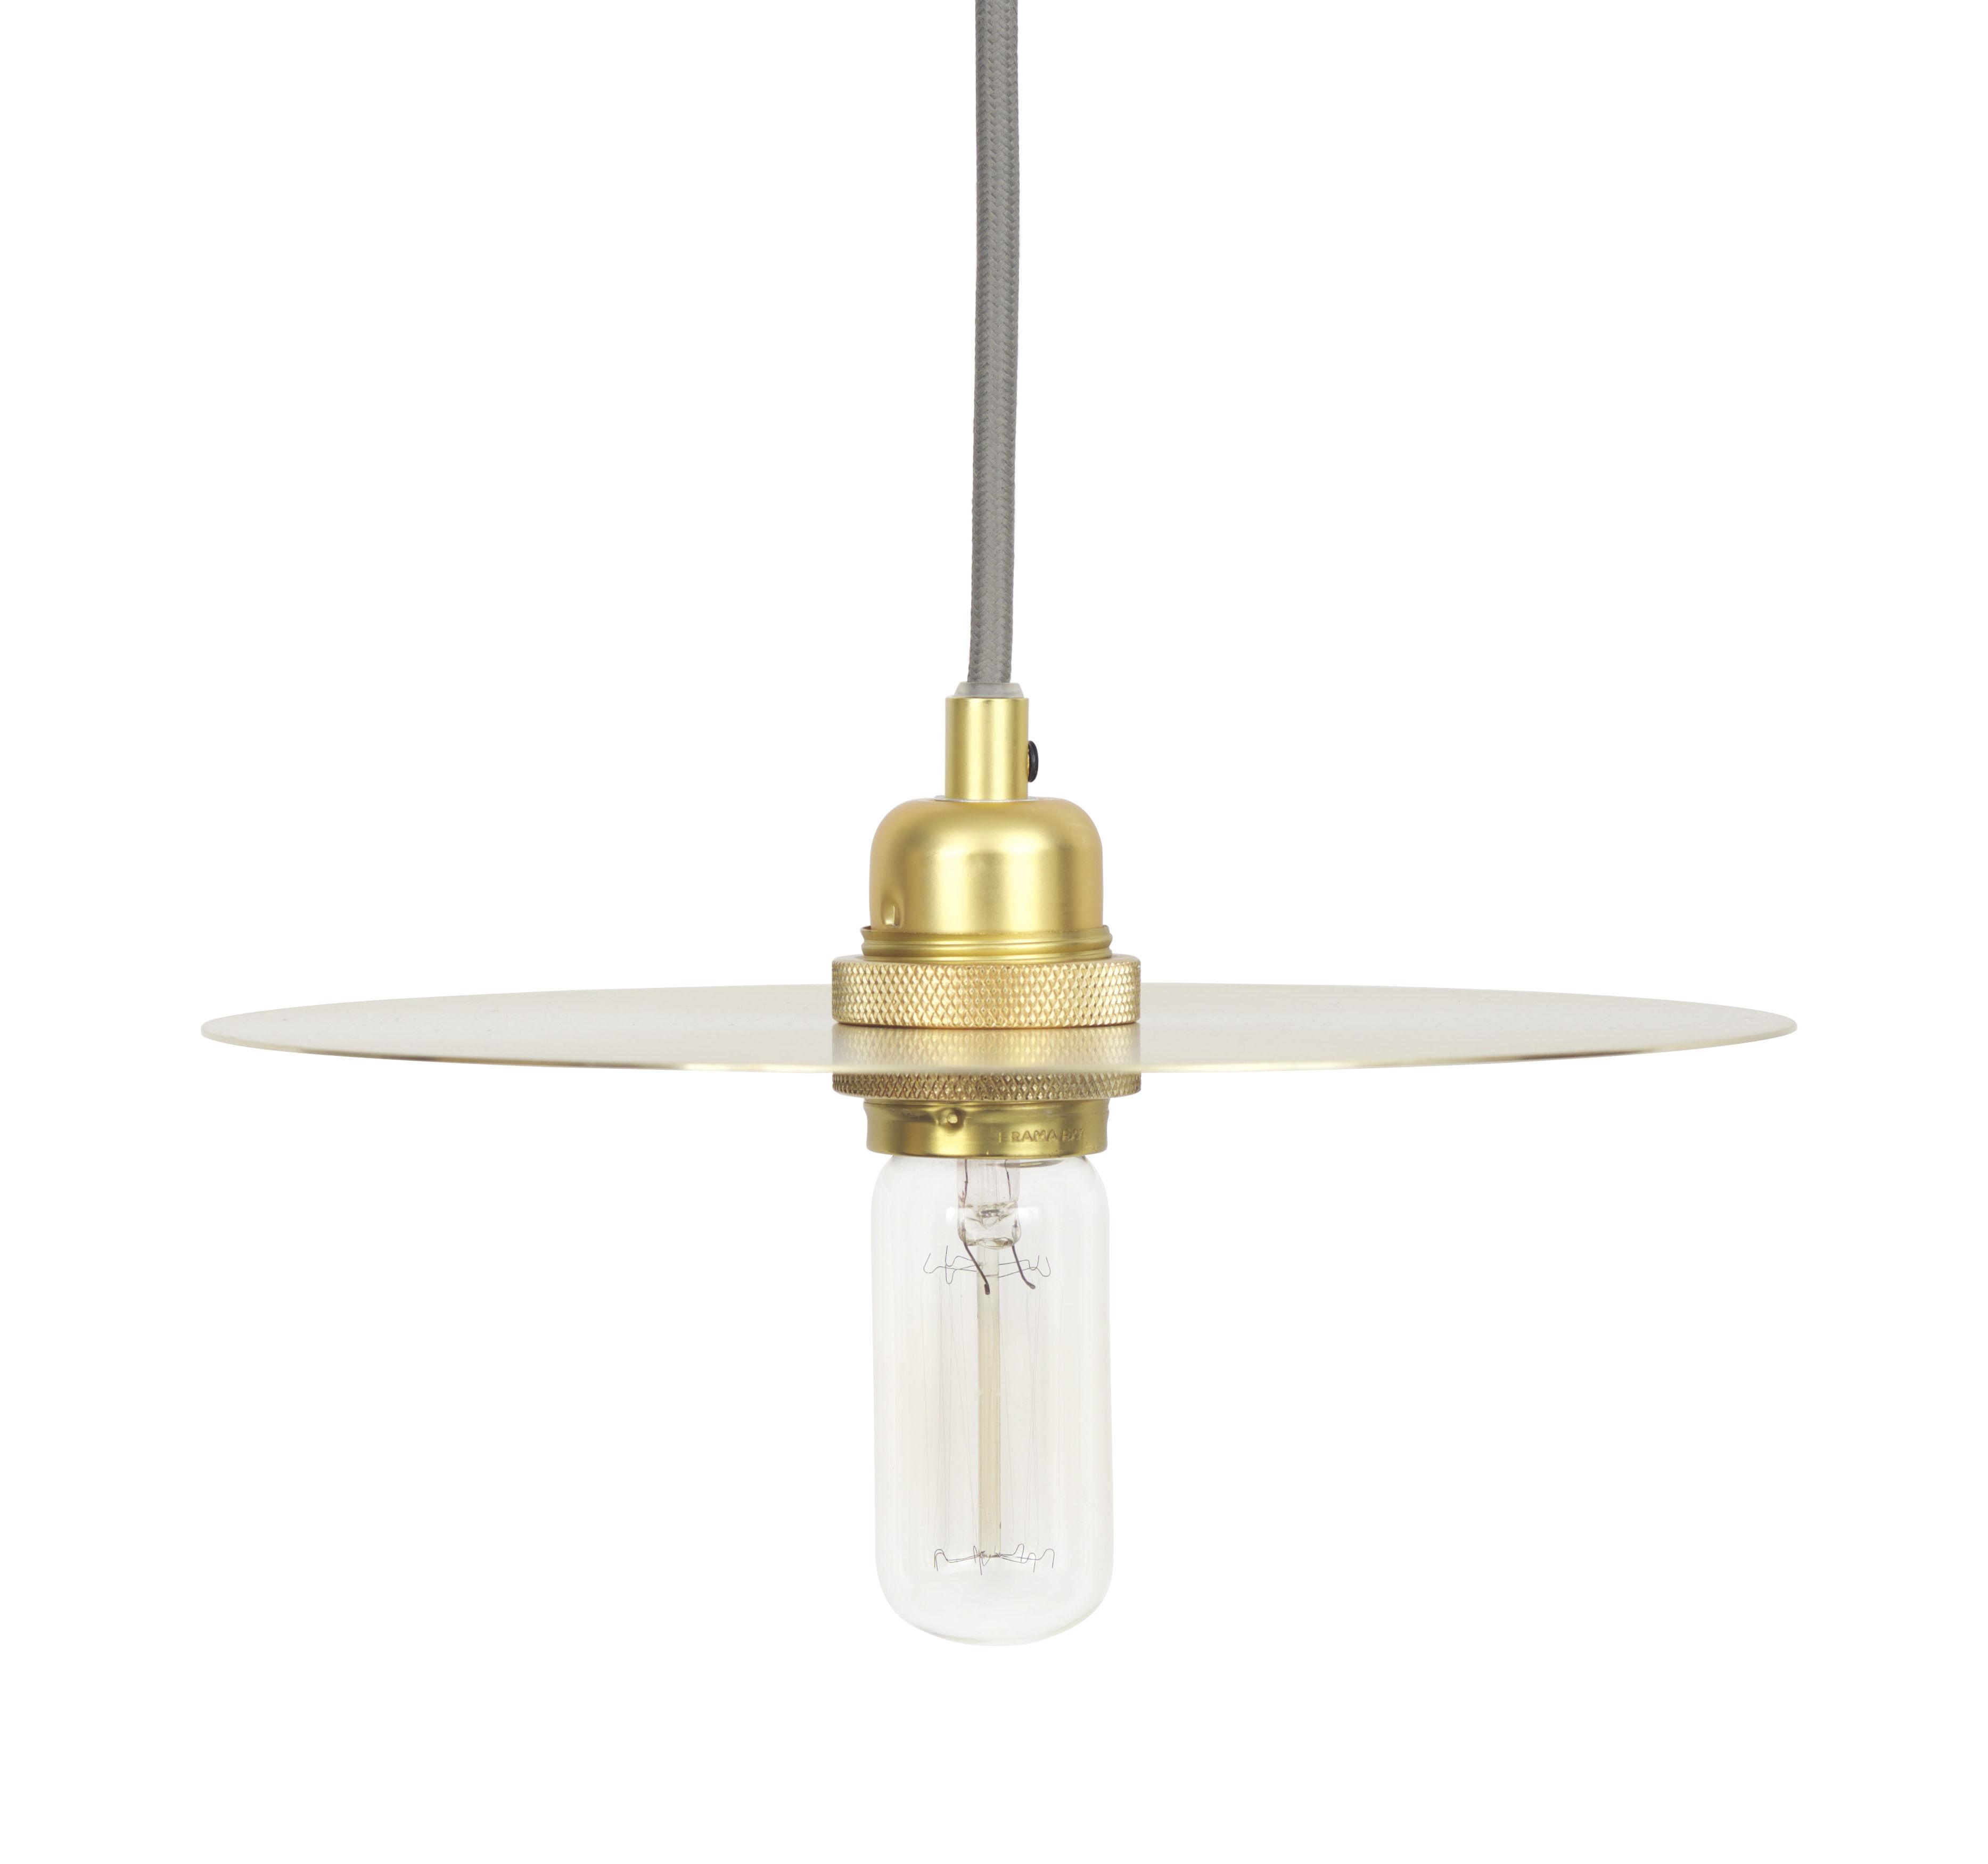 Luminaire - Suspensions - Abat-jour Circle Medium / Ø 25 cm - Frama  - Medium - Laiton - Laiton